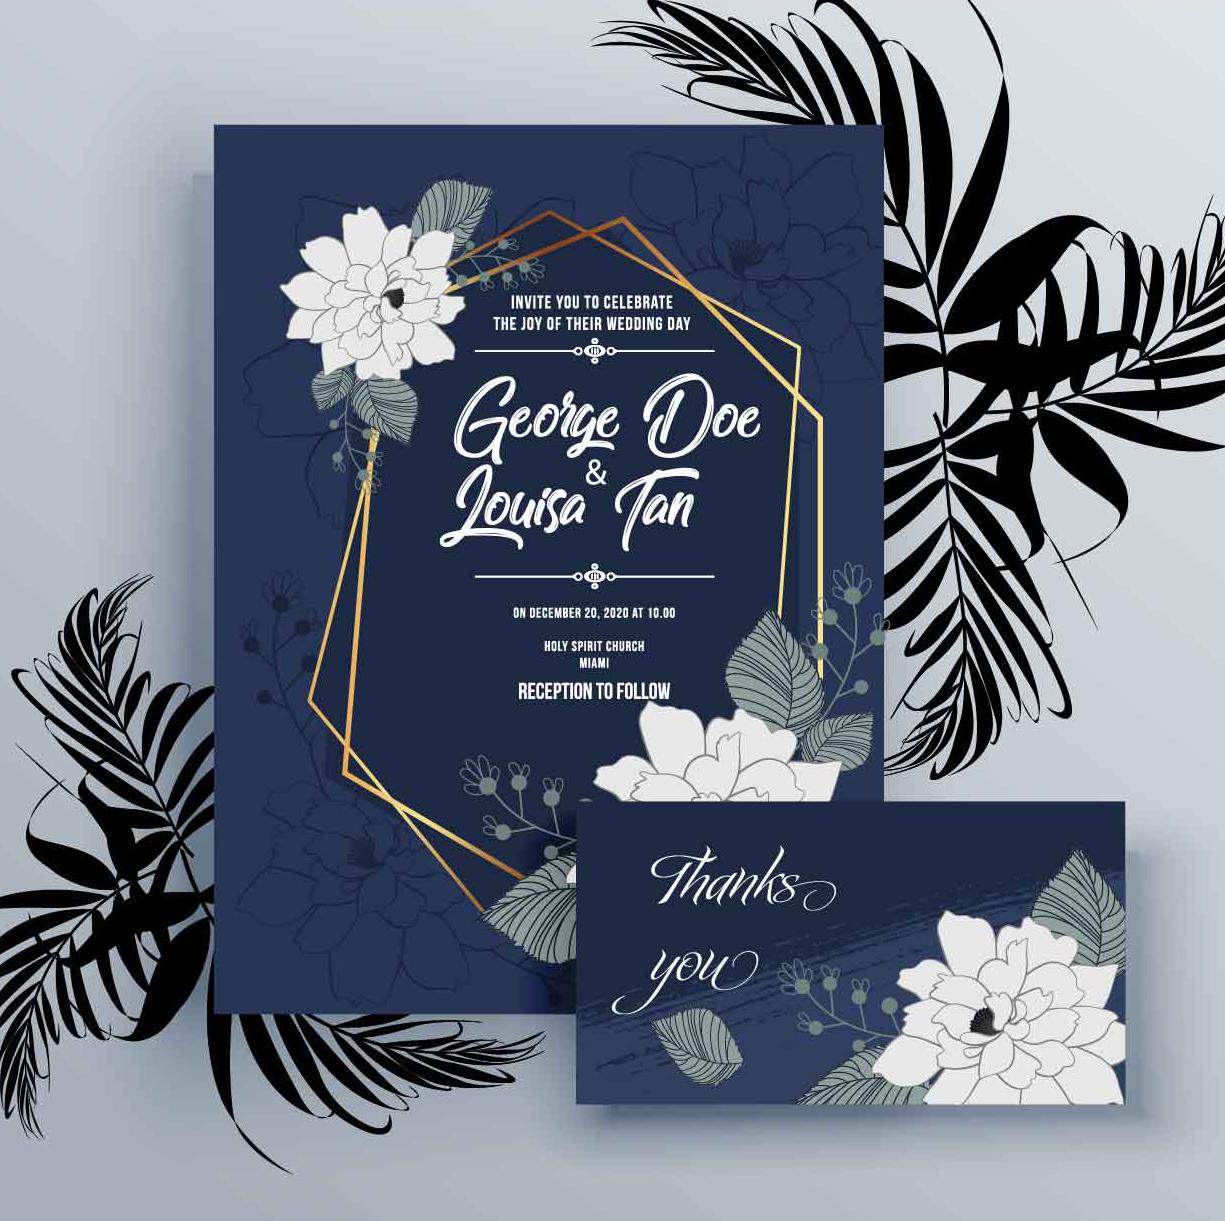 invitatie albastru clasic pantone pentru nunta